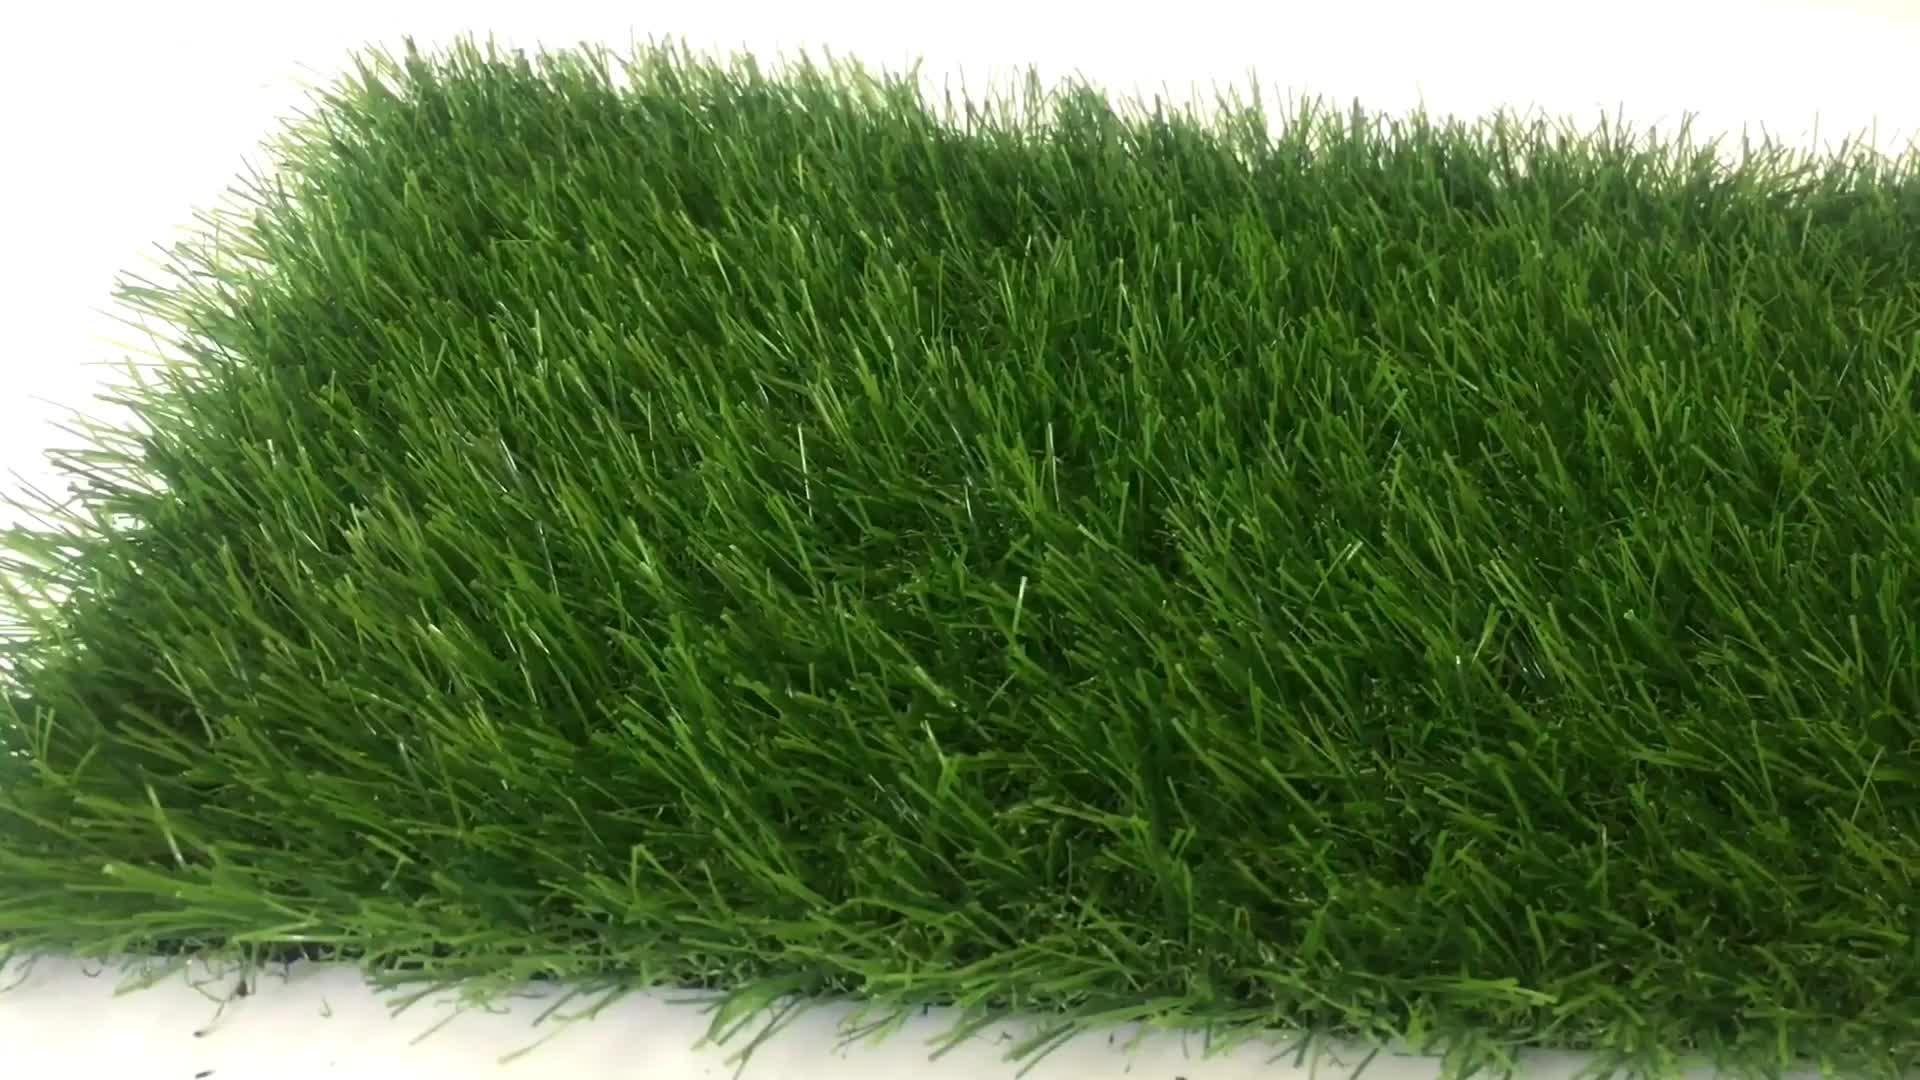 Anti-uv 25 millimetri di erba artificiale di sicurezza non statica tappeto erboso erba